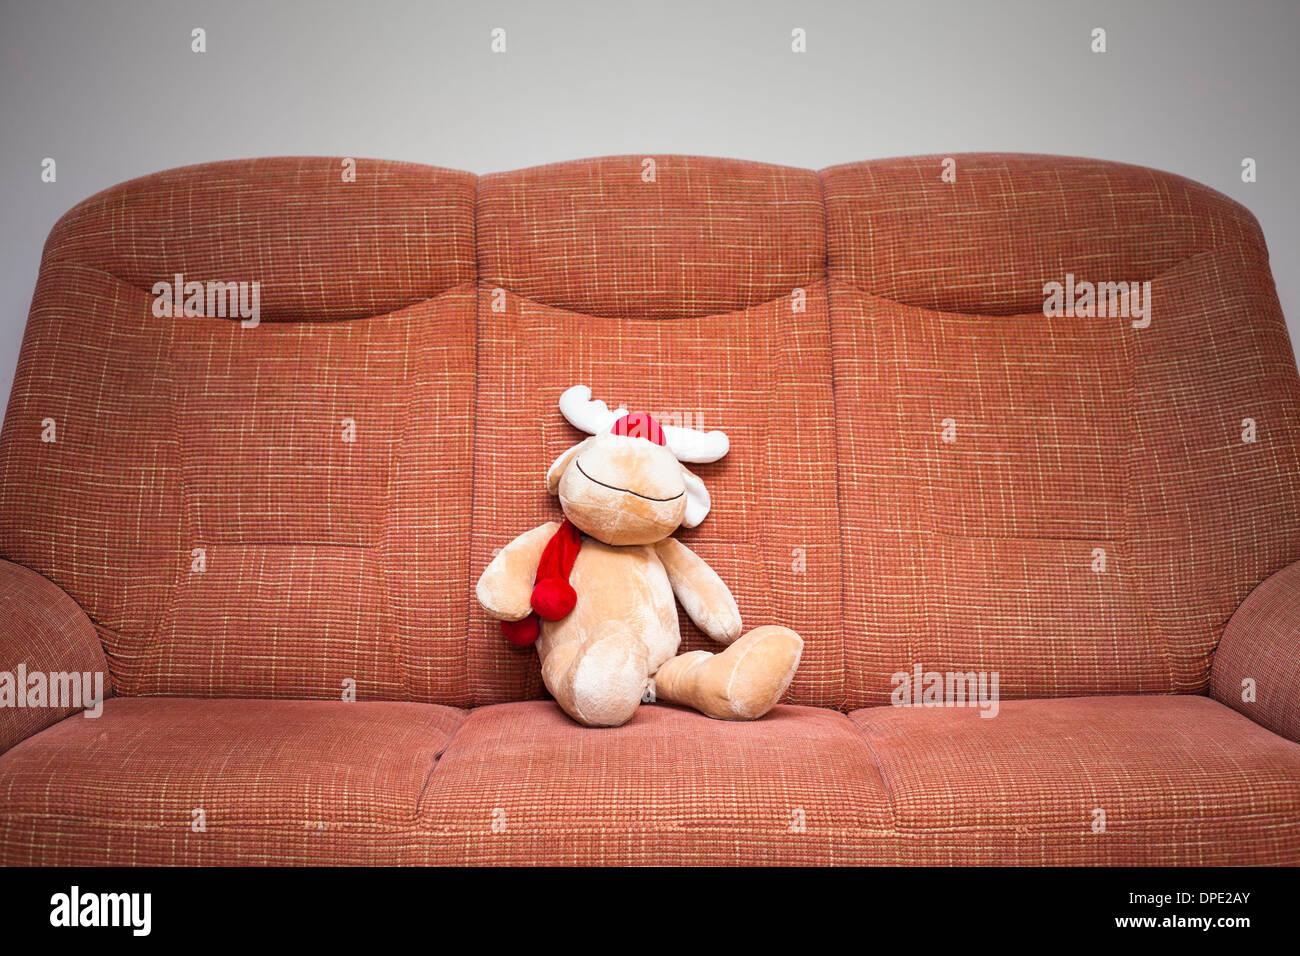 Peluche renne de Noël sitting on sofa Banque D'Images